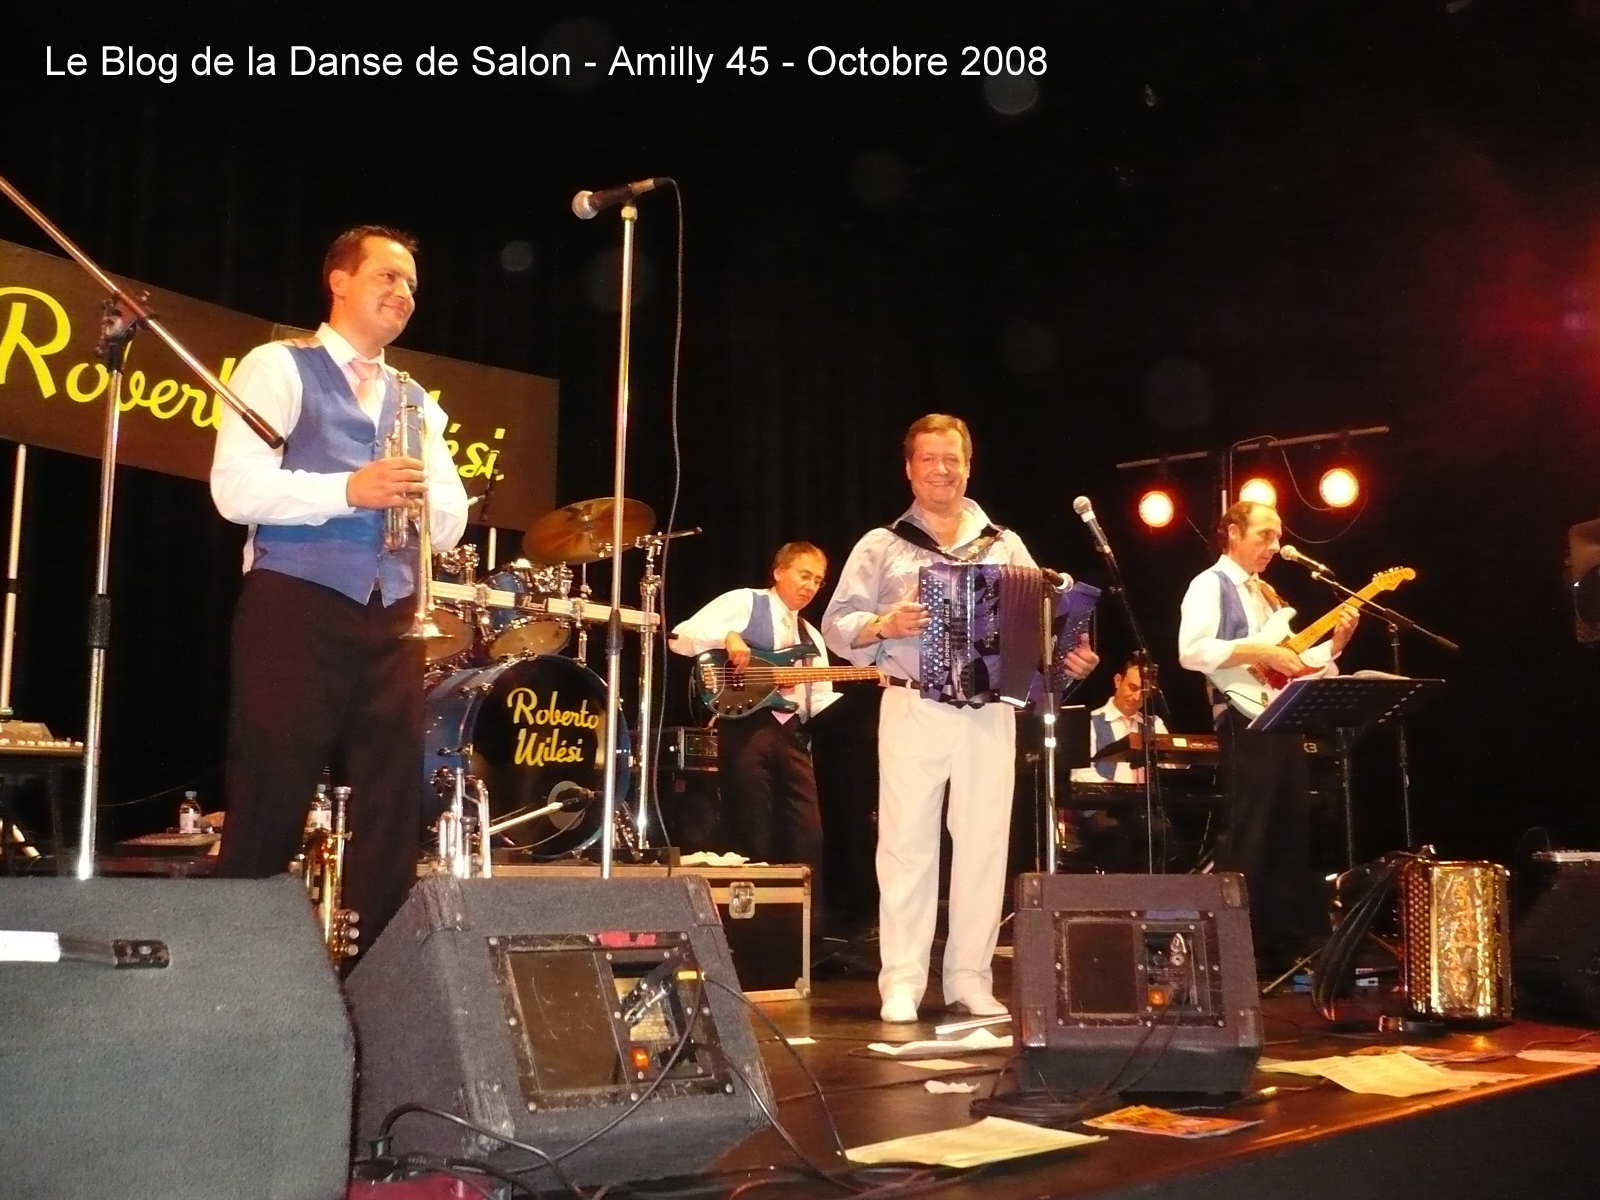 Le blog de la danse de salon manifestations dansantes - Blog de la danse de salon ...